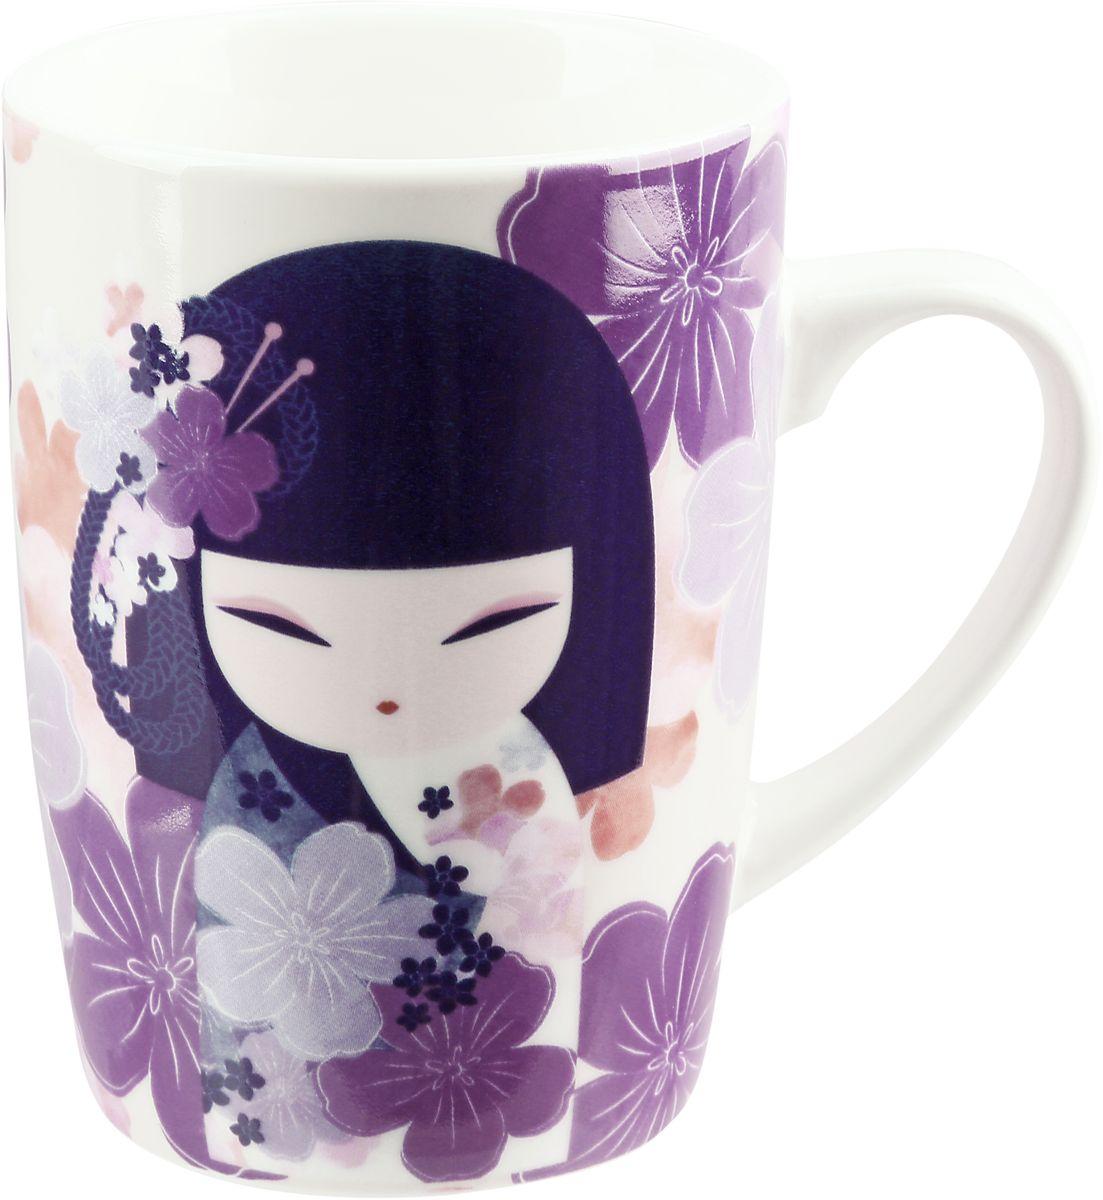 Элегантная фарфоровая кружка , которая оформлена в традиционном японском стиле. Понравится всем ценителям прекрасного.